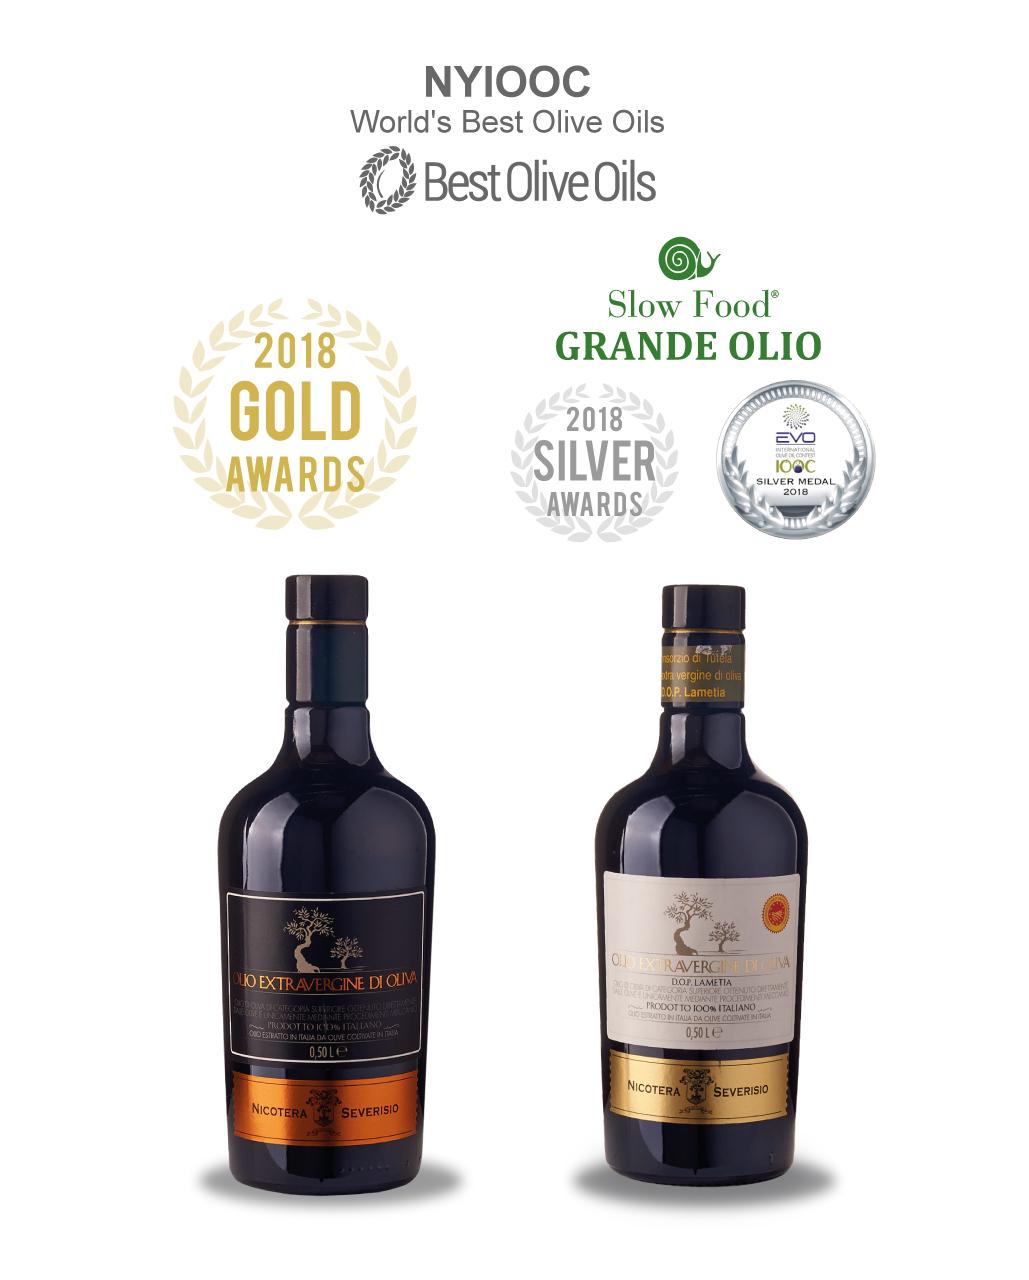 L'olio Nicotera Severisio è internazionale: oro e argento al The World Best Olive Oils